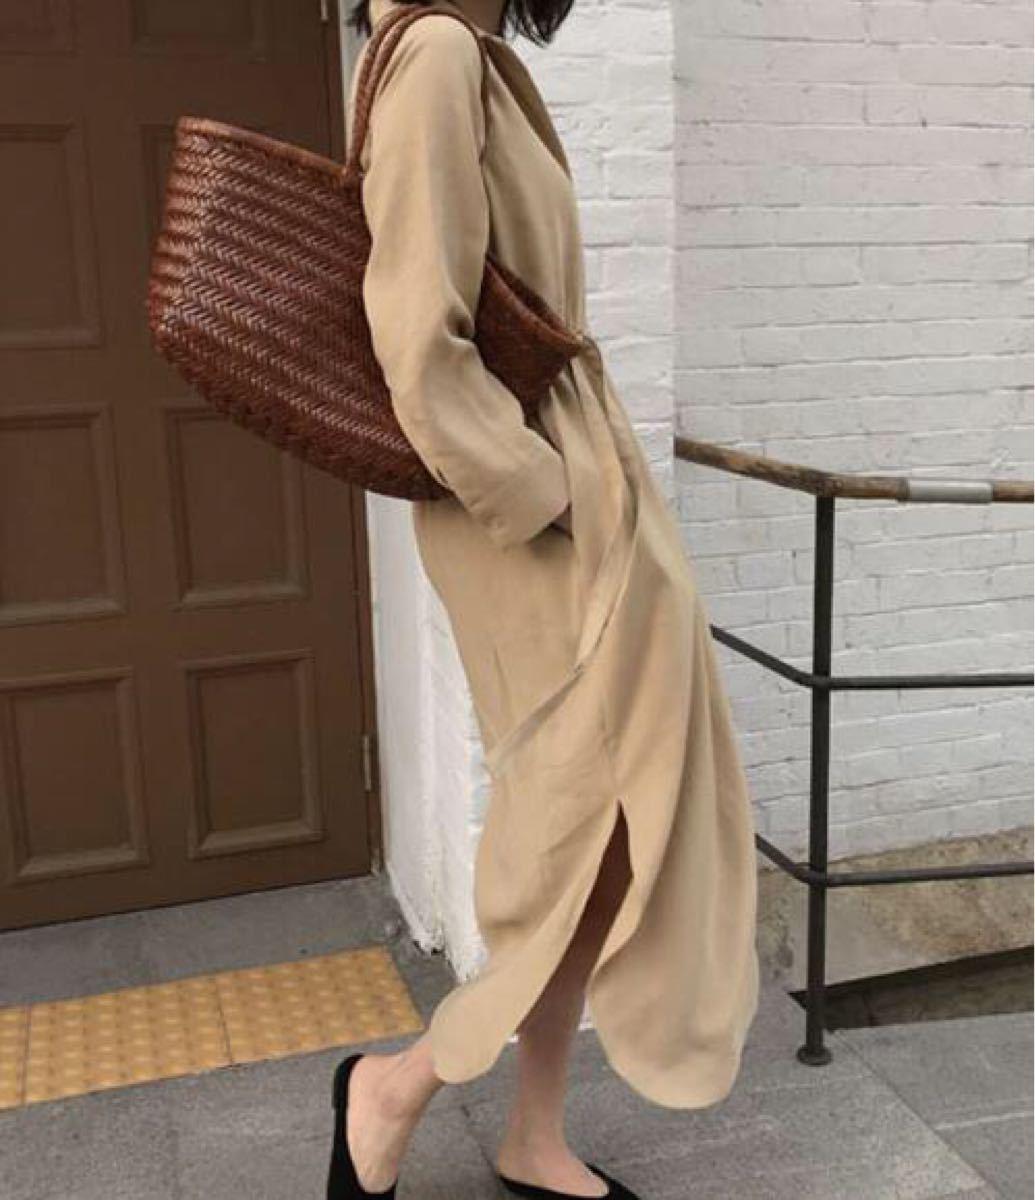 シャツワンピース★ロングシャツ★ロングワンピース★シフォンブラウス★スカート